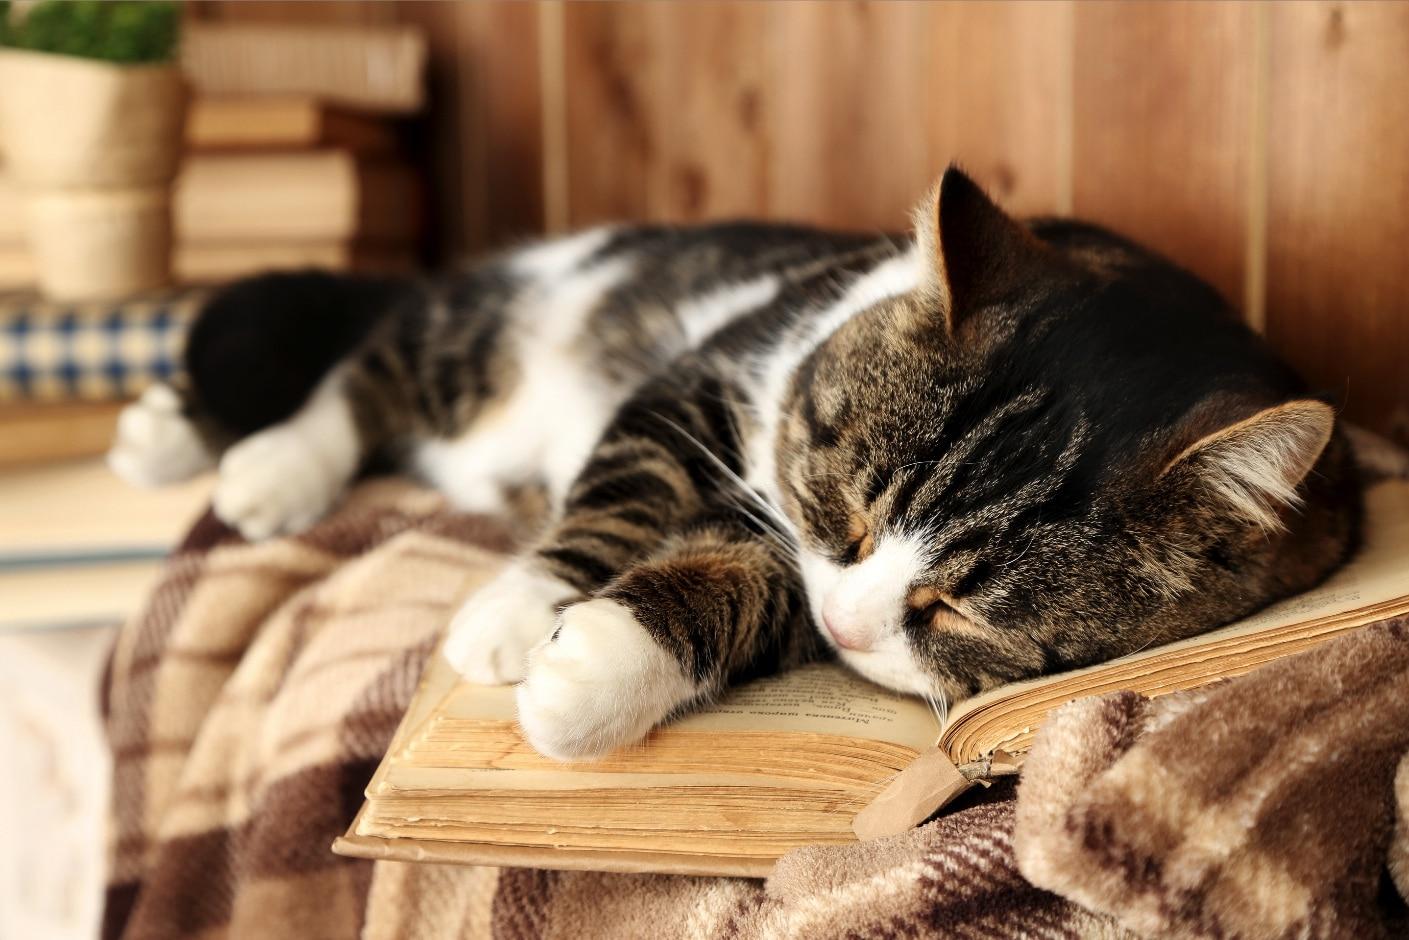 Pourquoi les chats se couchent-ils sur ce qu'on lit? | Oven-Baked Tradition